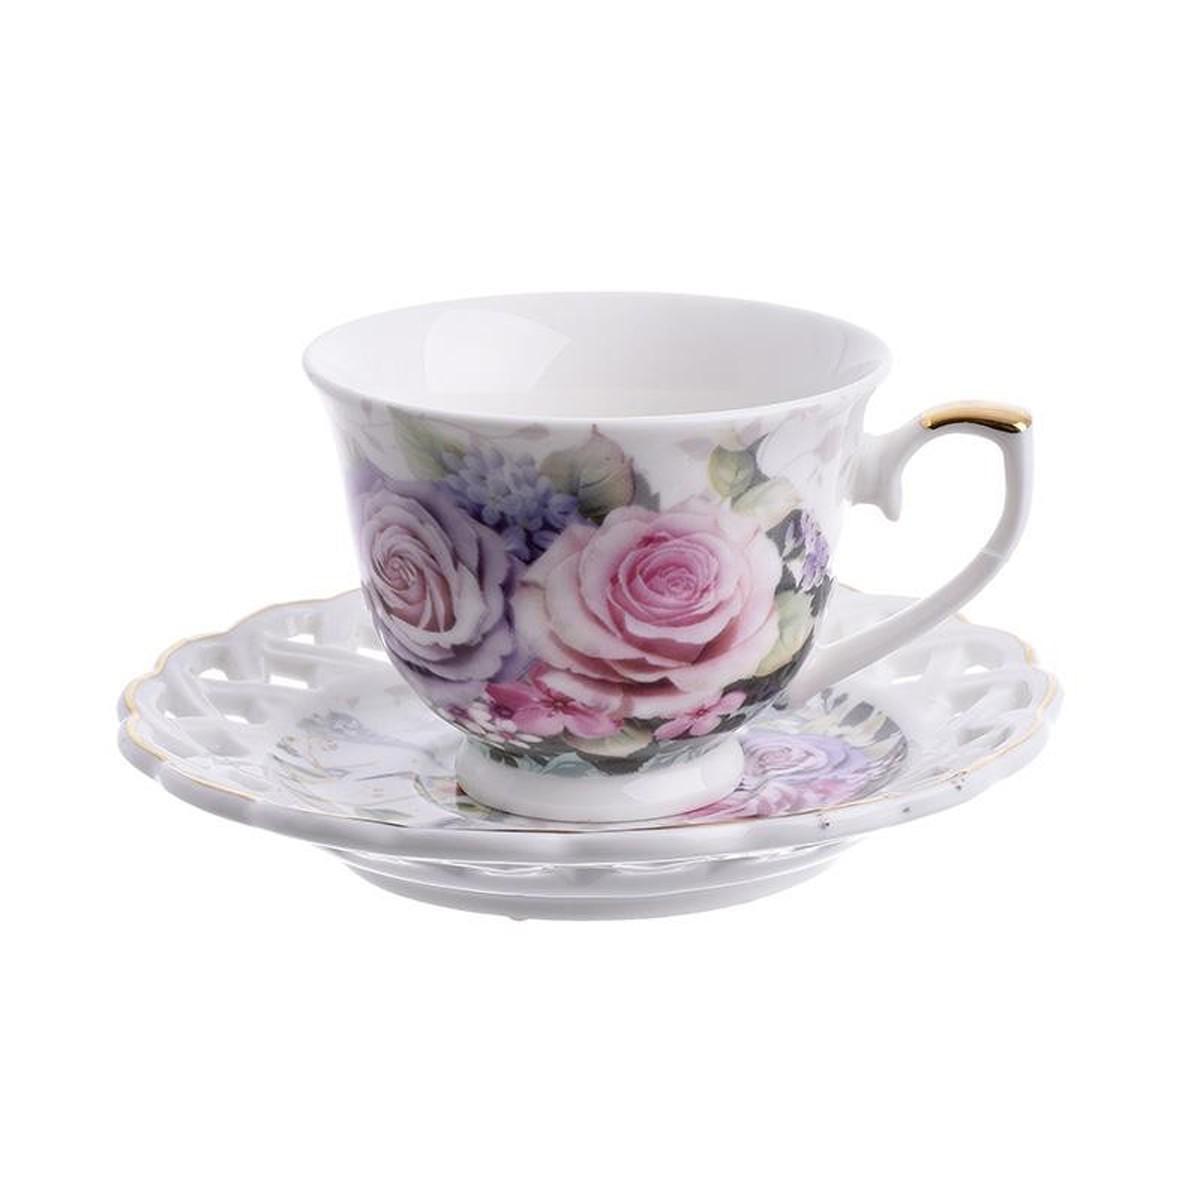 Φλυτζάνια Καφέ + Πιατάκια (Σετ 6τμχ) InArt 3-60-802-0023